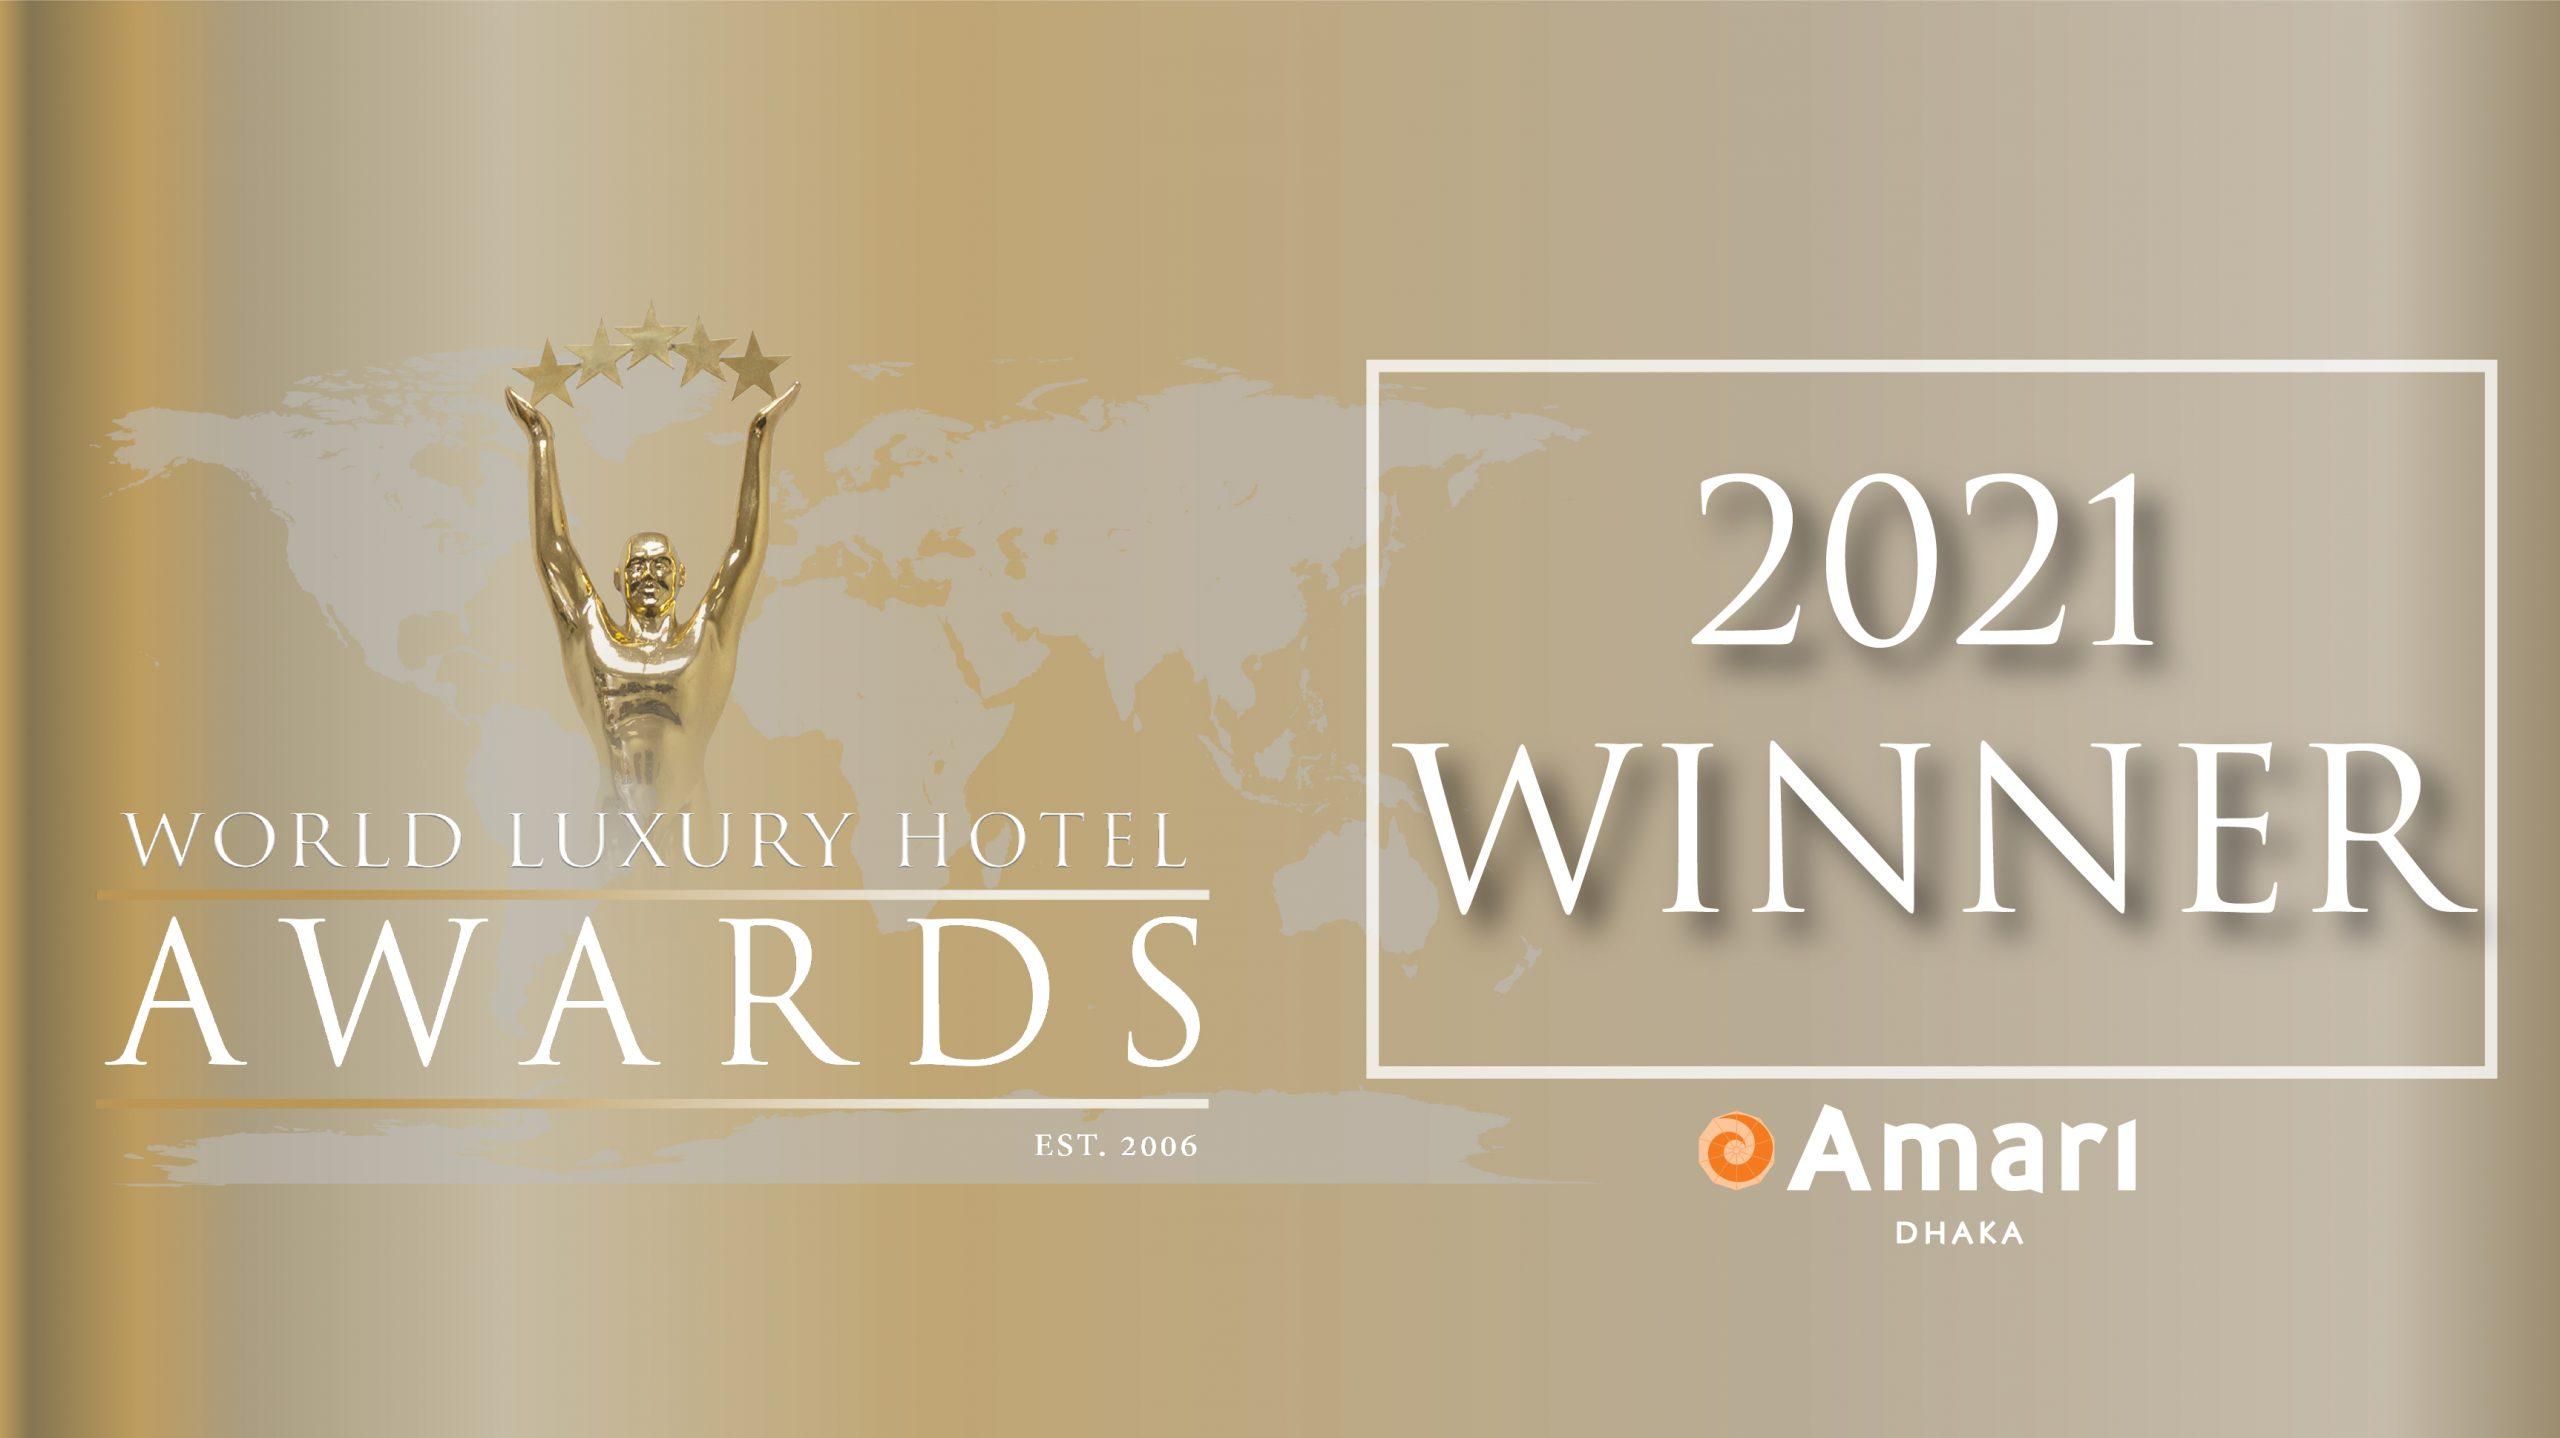 AMARI DHAKA WON THE PRESTIGIOUS WORLD LUXURY AWARDS 2021